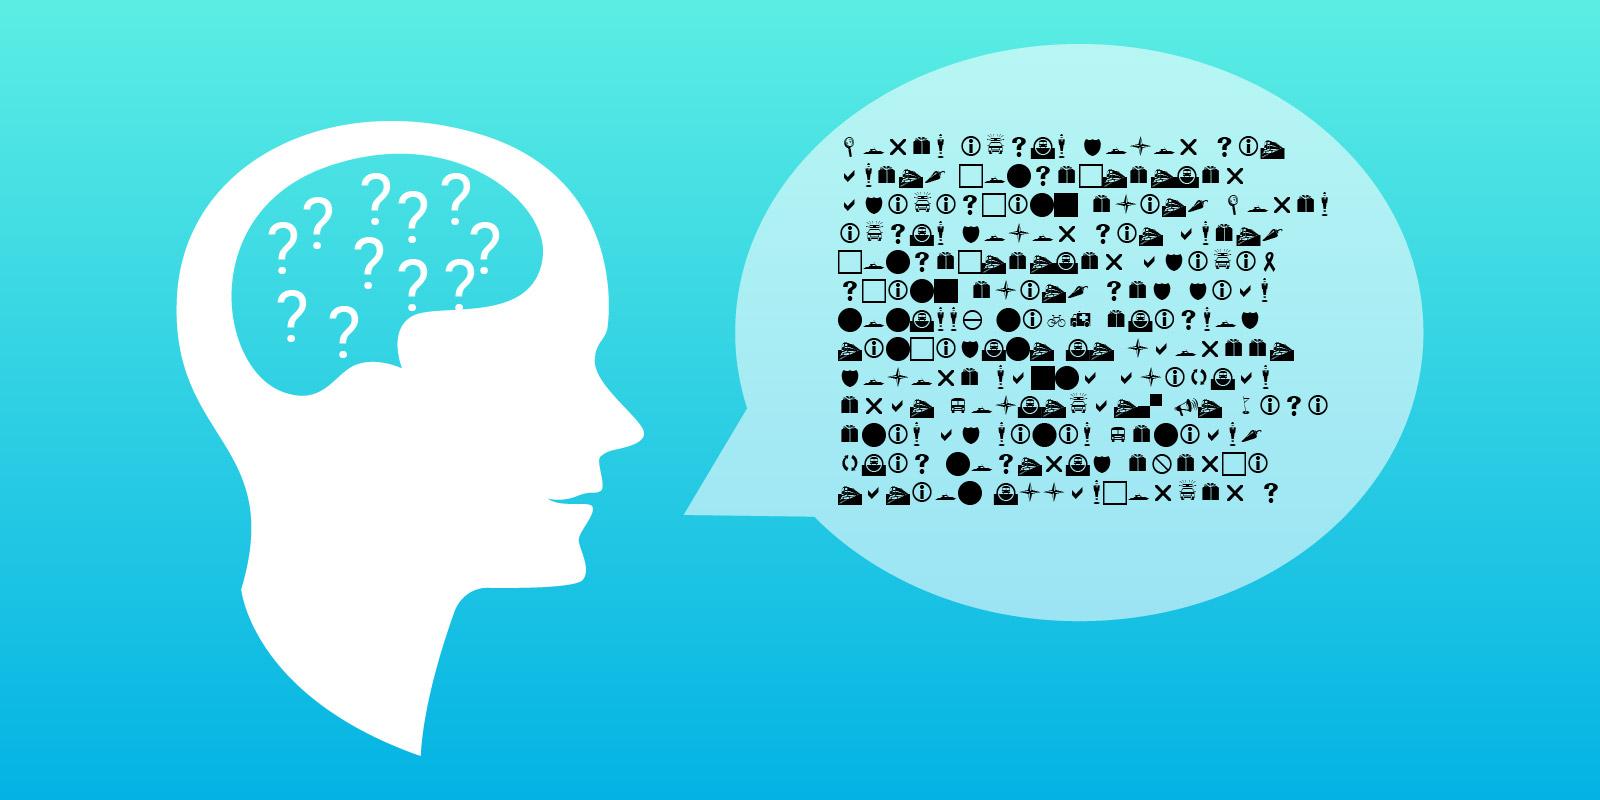 Prima di pensare a come comunicare sul web in modo efficace, assicuriamoci di avere qualcosa da dire